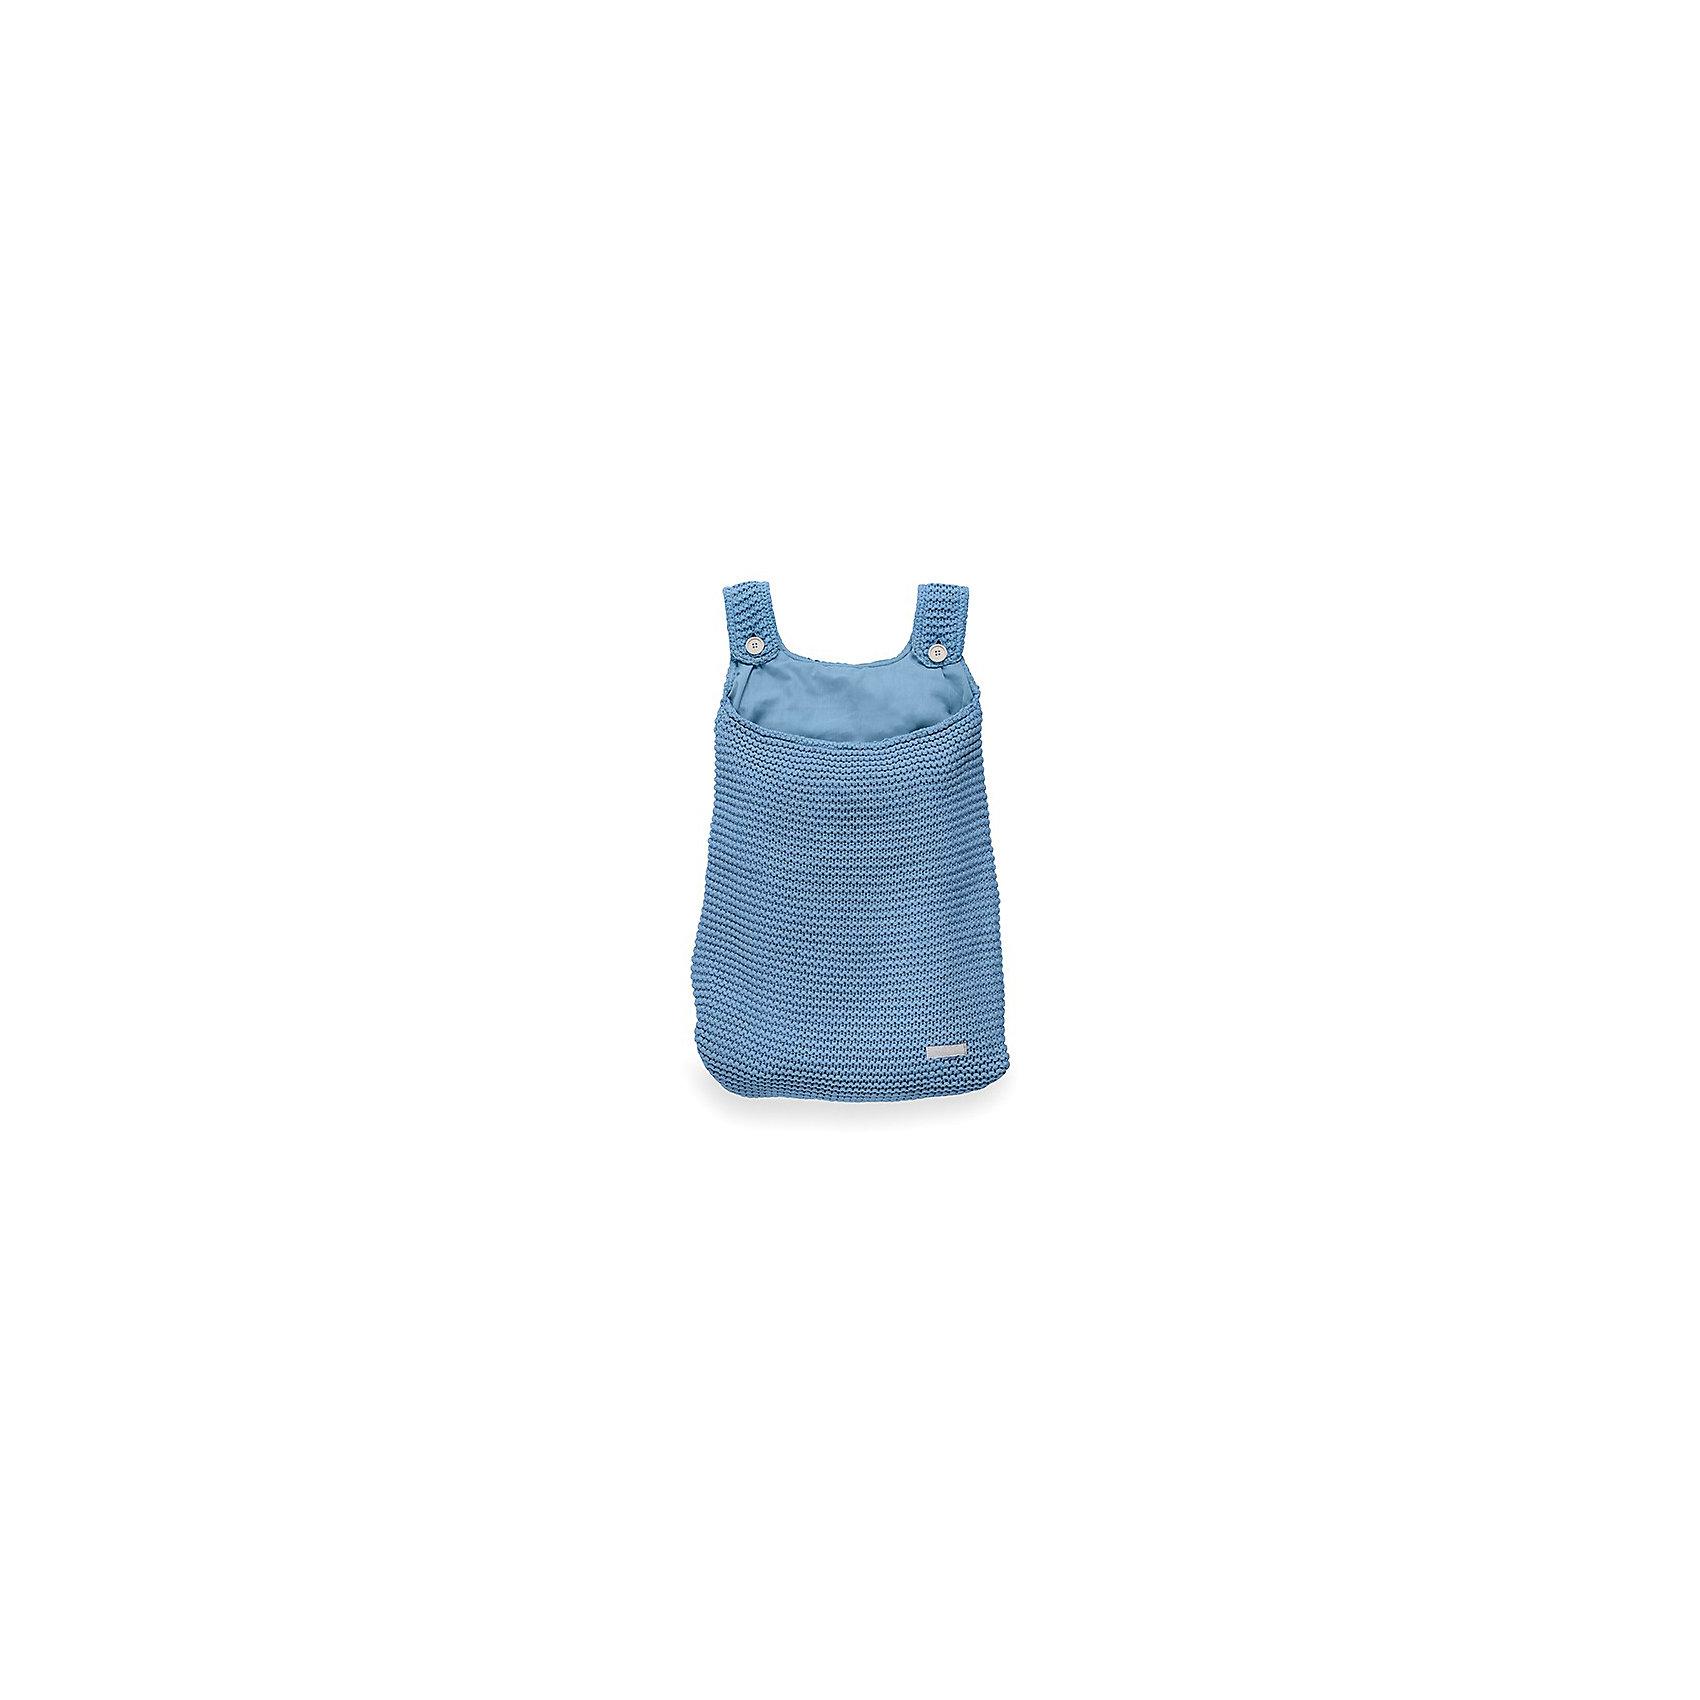 Сумка на кроватку, Jollein, BlueКорзины для игрушек<br>Характеристики:<br><br>• Вид детского текстиля: сумка на детскую кроватку<br>• Предназначение: для хранения детских текстильных принадлежностей<br>• Пол: универсальный<br>• Коллекция: Heavy knit (Крупная вязка)<br>• Цвет: голубой<br>• Тематика рисунка: без рисунка<br>• Крепится к кроватке за счет лямок на пуговицах<br>• Универсальный размер, подходит для любых моделей детских кроваток<br>• Материал: 50% хлопок, 50% акрил<br>• Размер: 50*40 см<br>• Особенности ухода: машинная или ручная стирка при температуре не более 30 градусов<br><br>Сумка на кроватку, Jollein, Blue от торговой марки Жолляйн, которая является признанным лидером среди аналогичных брендов, выпускающих детское постельное белье и текстиль для новорожденных. Продукция этого торгового бренда отличается высоким качеством и дизайнерским стилем. Сумка на кроватку Jollein, Blue выполнена из вязаного полотна, в состав которого входит хлопок и акрил. Такое сочетание обеспечивает прочность и долговечность изделия: оно не потеряет форму и на нем не будут образовываться катышки даже при частных стирках и длительной эксплуатации. <br><br>Изделие выполнено в форме сумки с двумя лямками на пуговицах, с помощью которых она крепится к бортику кроватки. У сумки имеется подклад. Изделие имеет дизайнерский стиль марки Жолляйн – сдержанный минимализм: однотонное полотно, выполненное крупной вязкой. <br>Сумка на кроватку, Jollein, Blue – это не только порядок и уют, это еще и стильный аксессуар для детской комнаты вашего малыша! <br><br>Сумку на кроватку, Jollein, Blue можно купить в нашем интернет-магазине.<br><br>Ширина мм: 250<br>Глубина мм: 400<br>Высота мм: 50<br>Вес г: 500<br>Возраст от месяцев: 0<br>Возраст до месяцев: 36<br>Пол: Унисекс<br>Возраст: Детский<br>SKU: 5367094